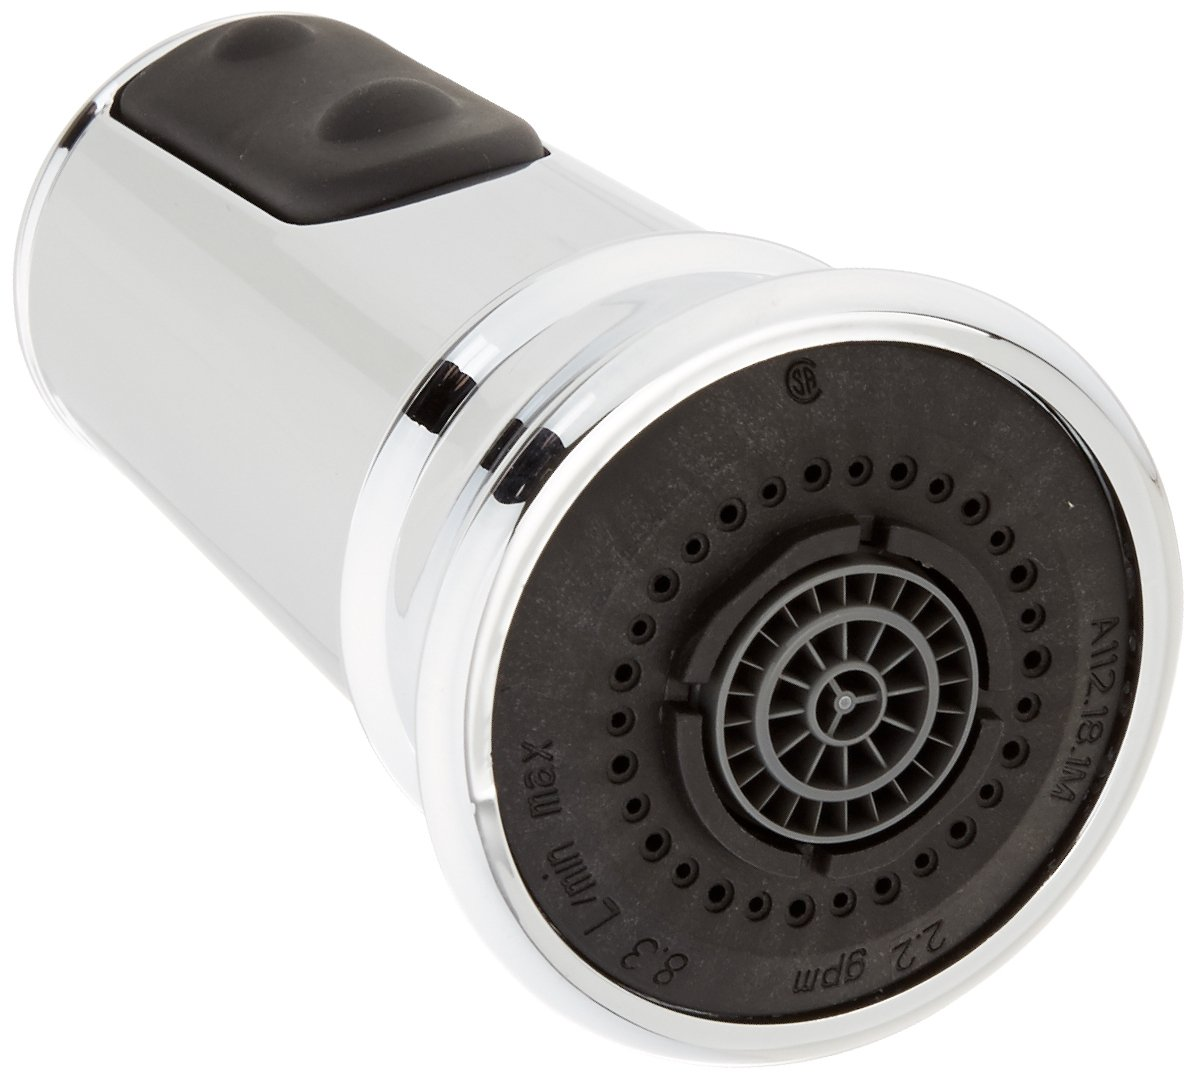 Moen 134742 Handle Kit, Chrome - Faucet Parts And Attachments ...